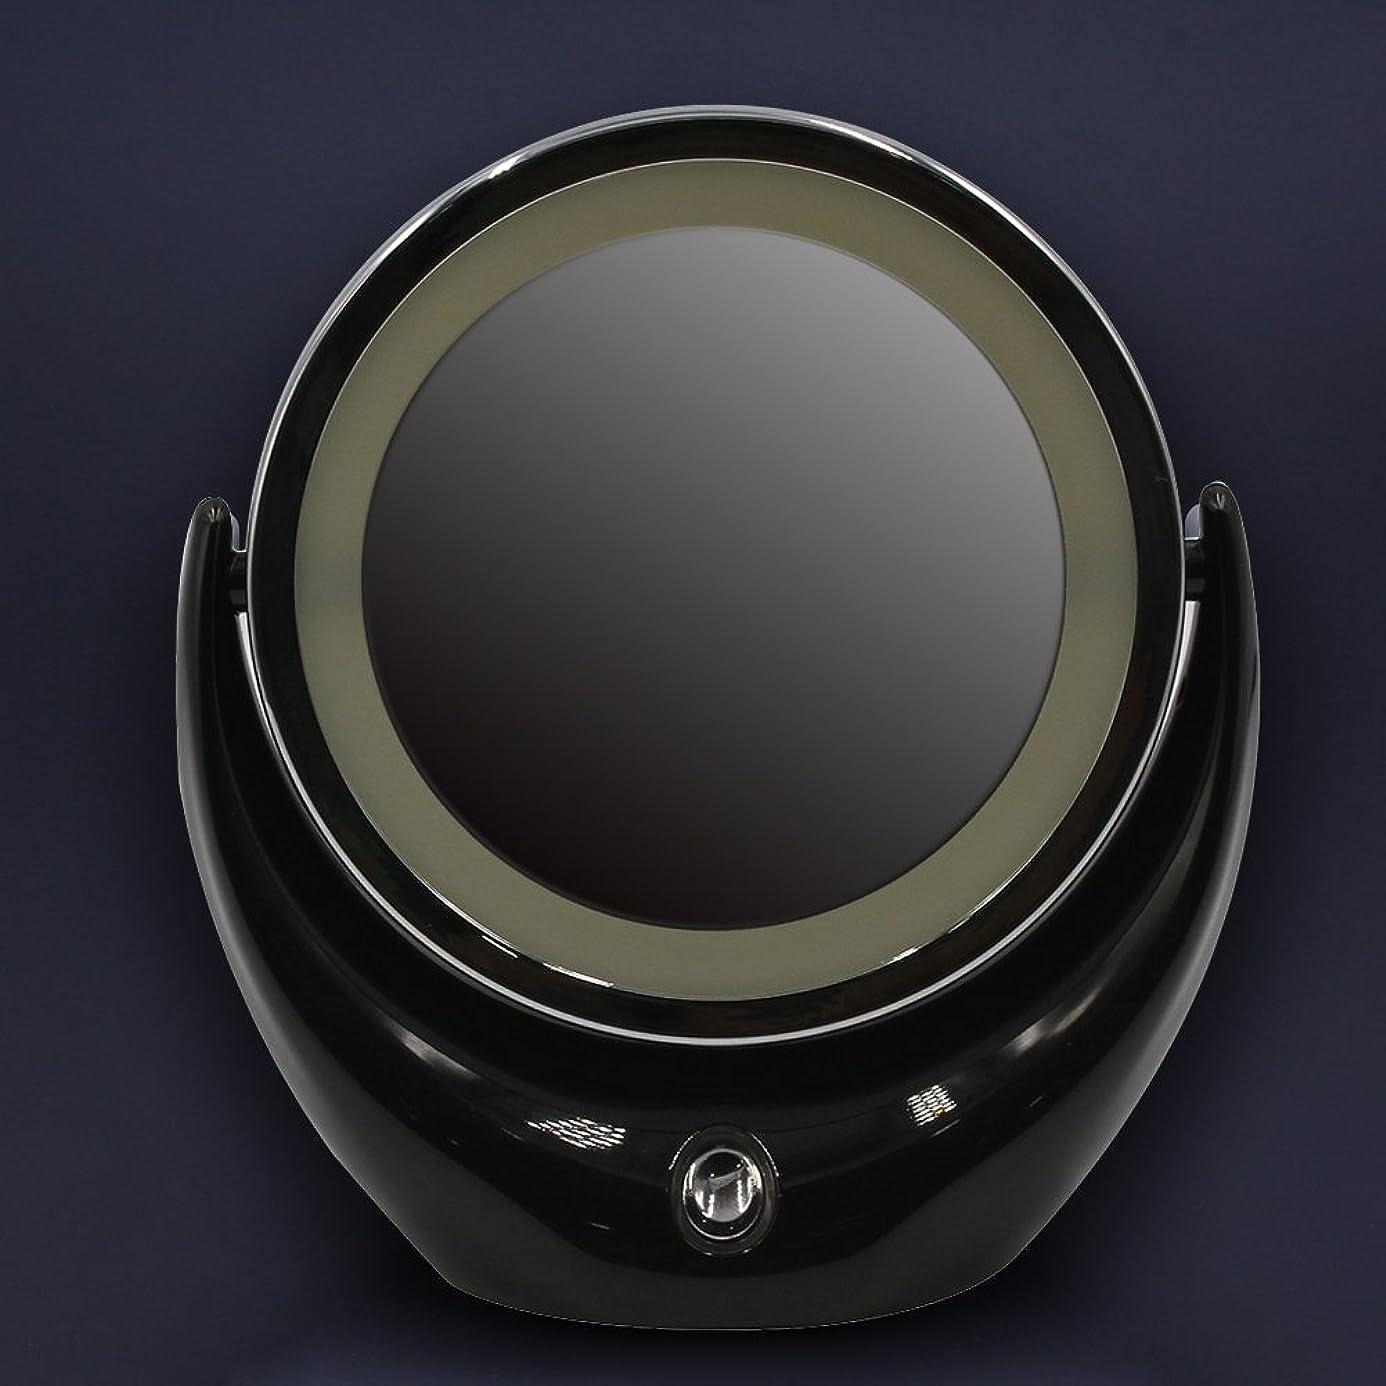 旋回鉛民兵Yumbyss - LED表化粧品メイクアップミラー360回転ミラー照光が主導光女性ミラー両面ルミナス3色[ブラック]